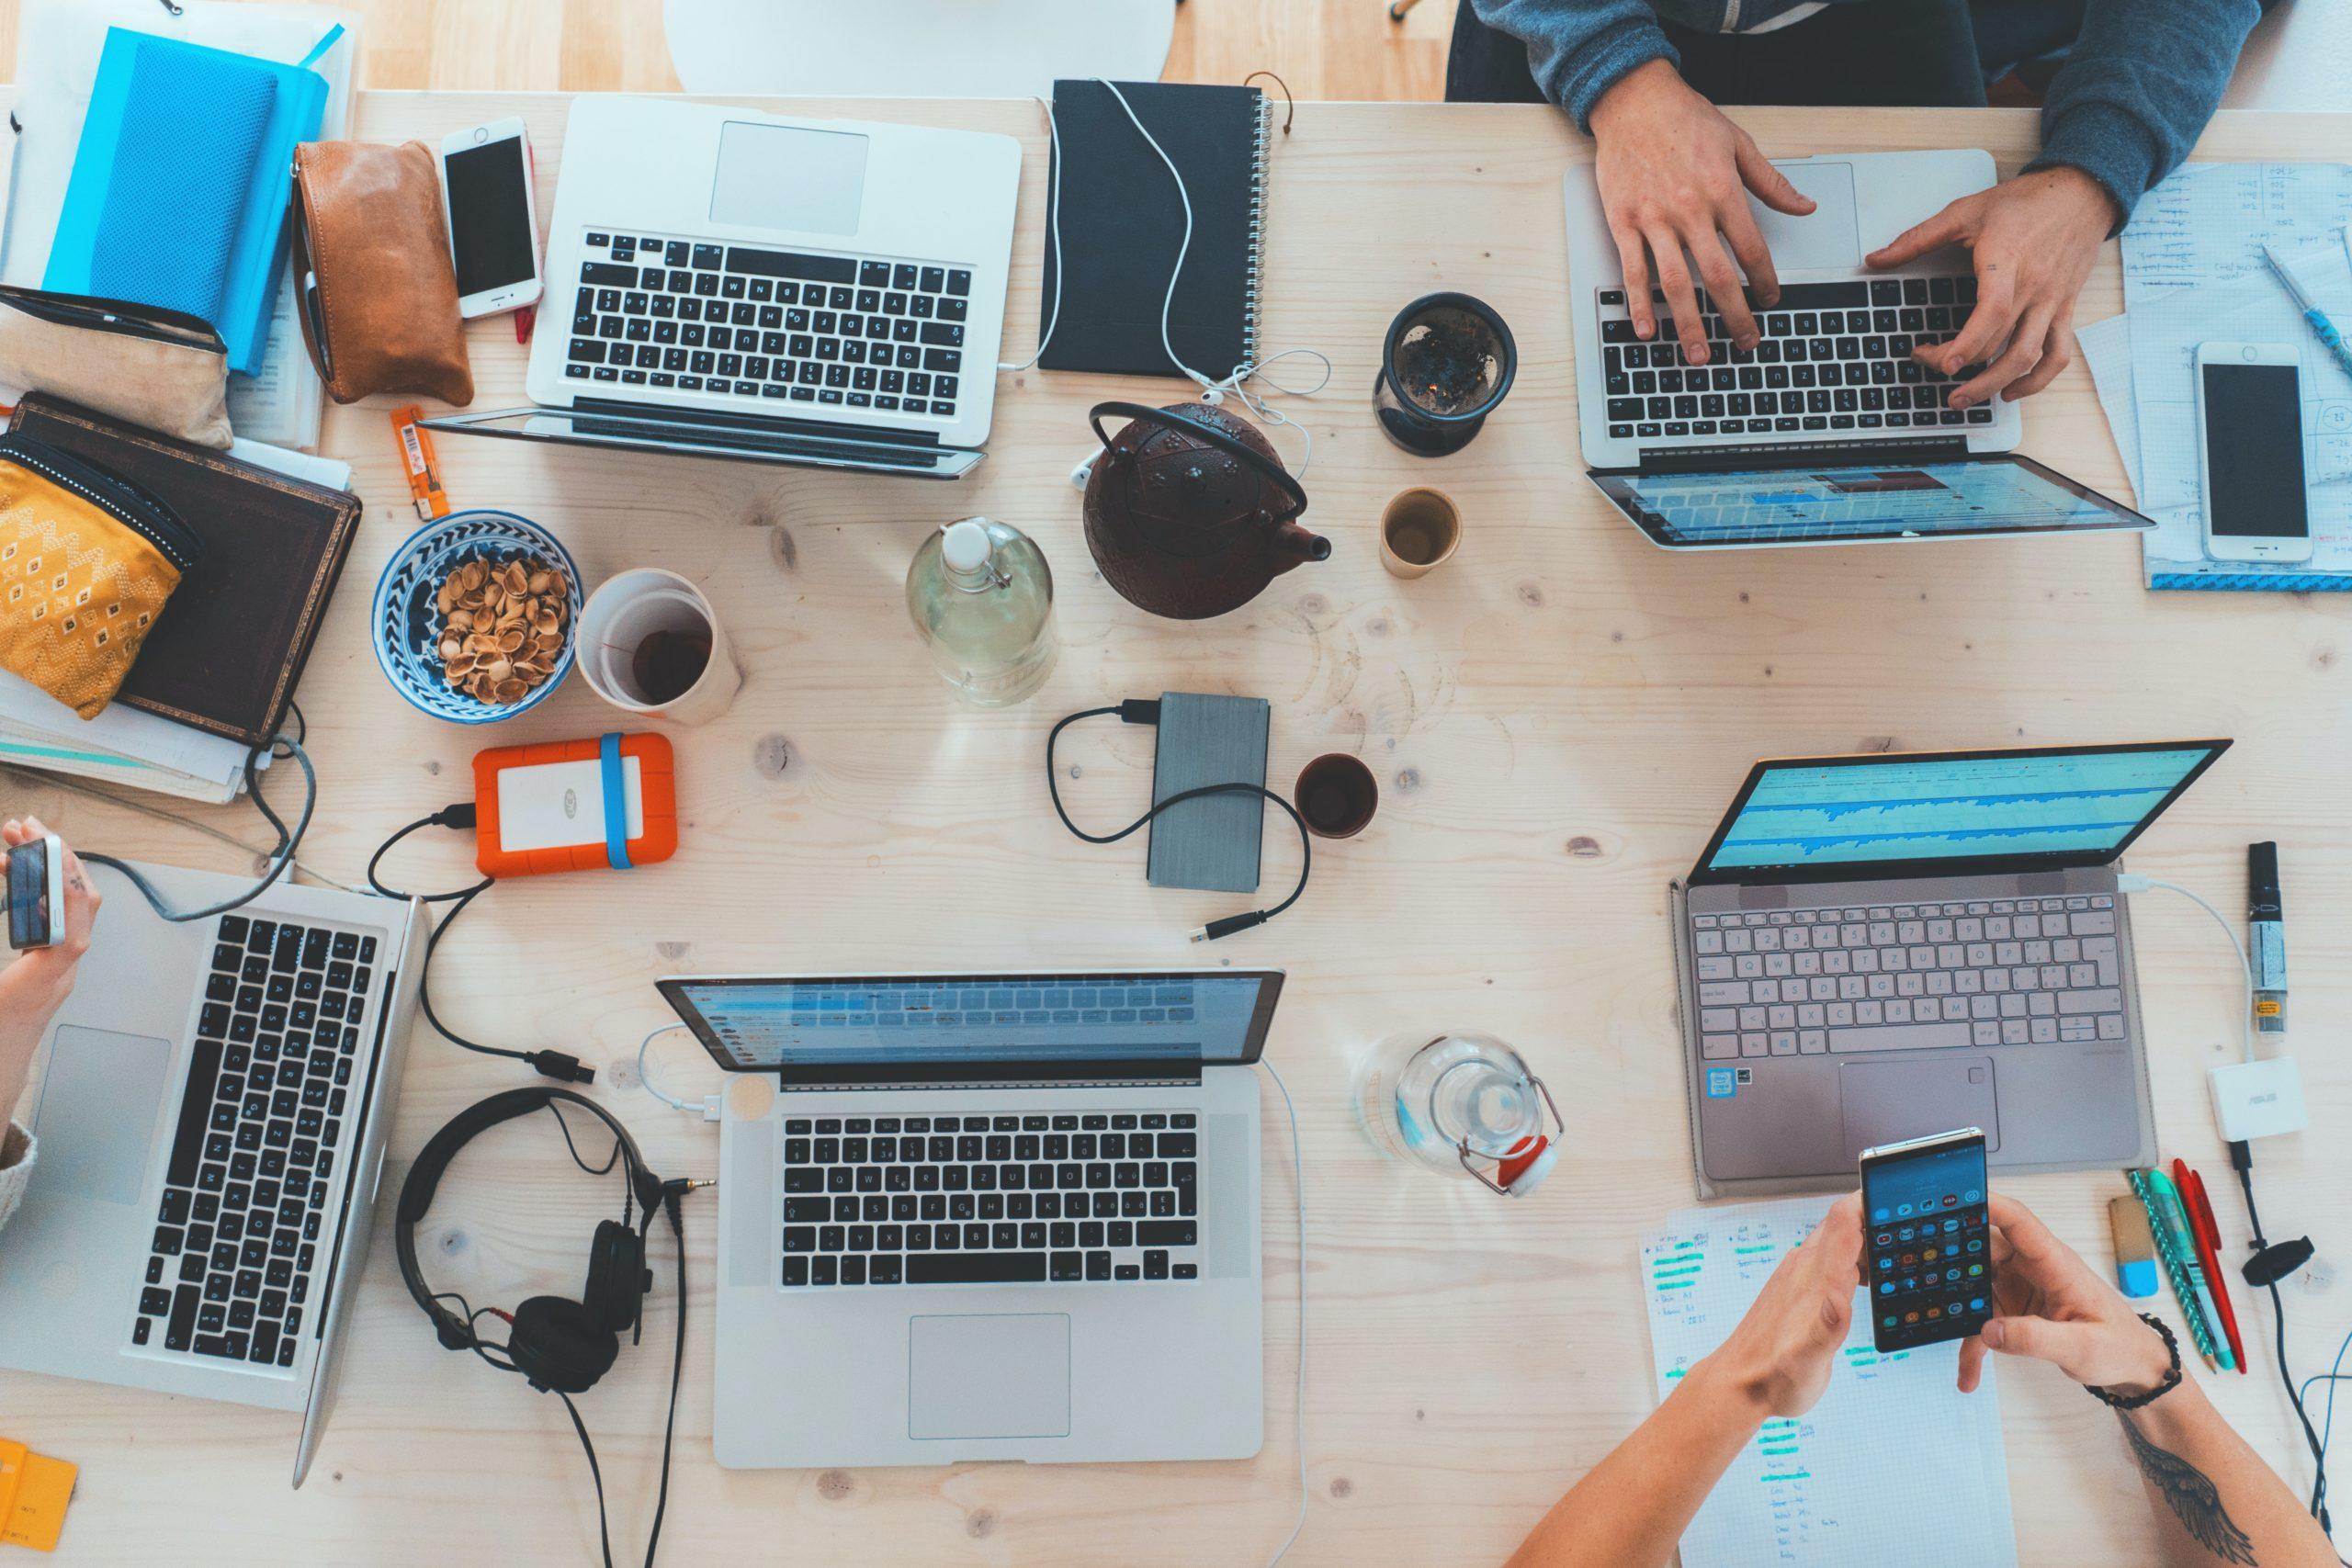 Mitarbeiter sitzen mit Laptops und Handys zusammen an einem Tisch